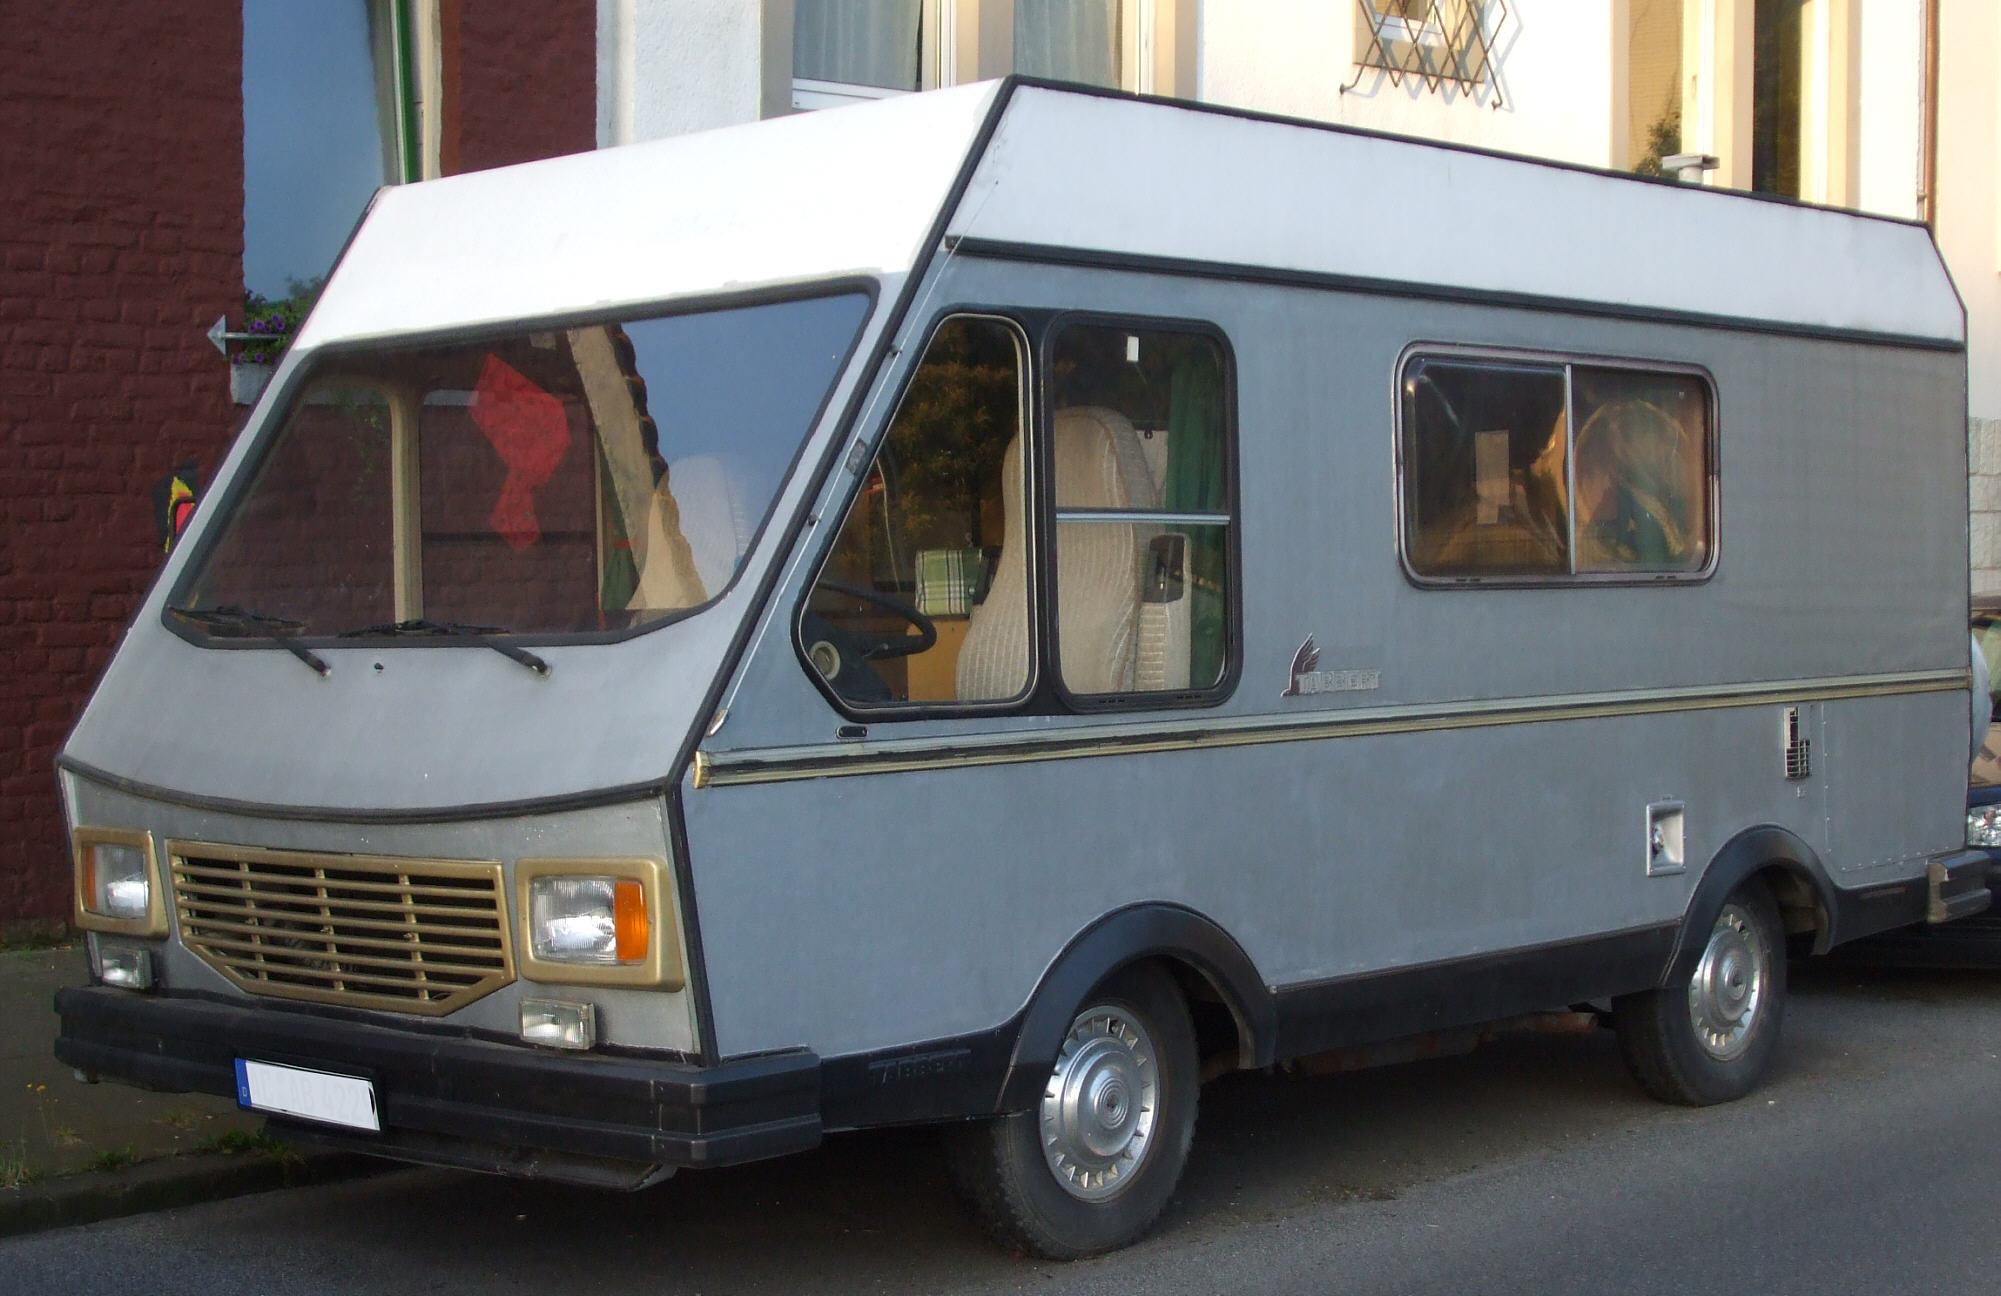 File:Altes Peugeot-Tabbert-Wohnmobil vl.jpg - Wikimedia Commons